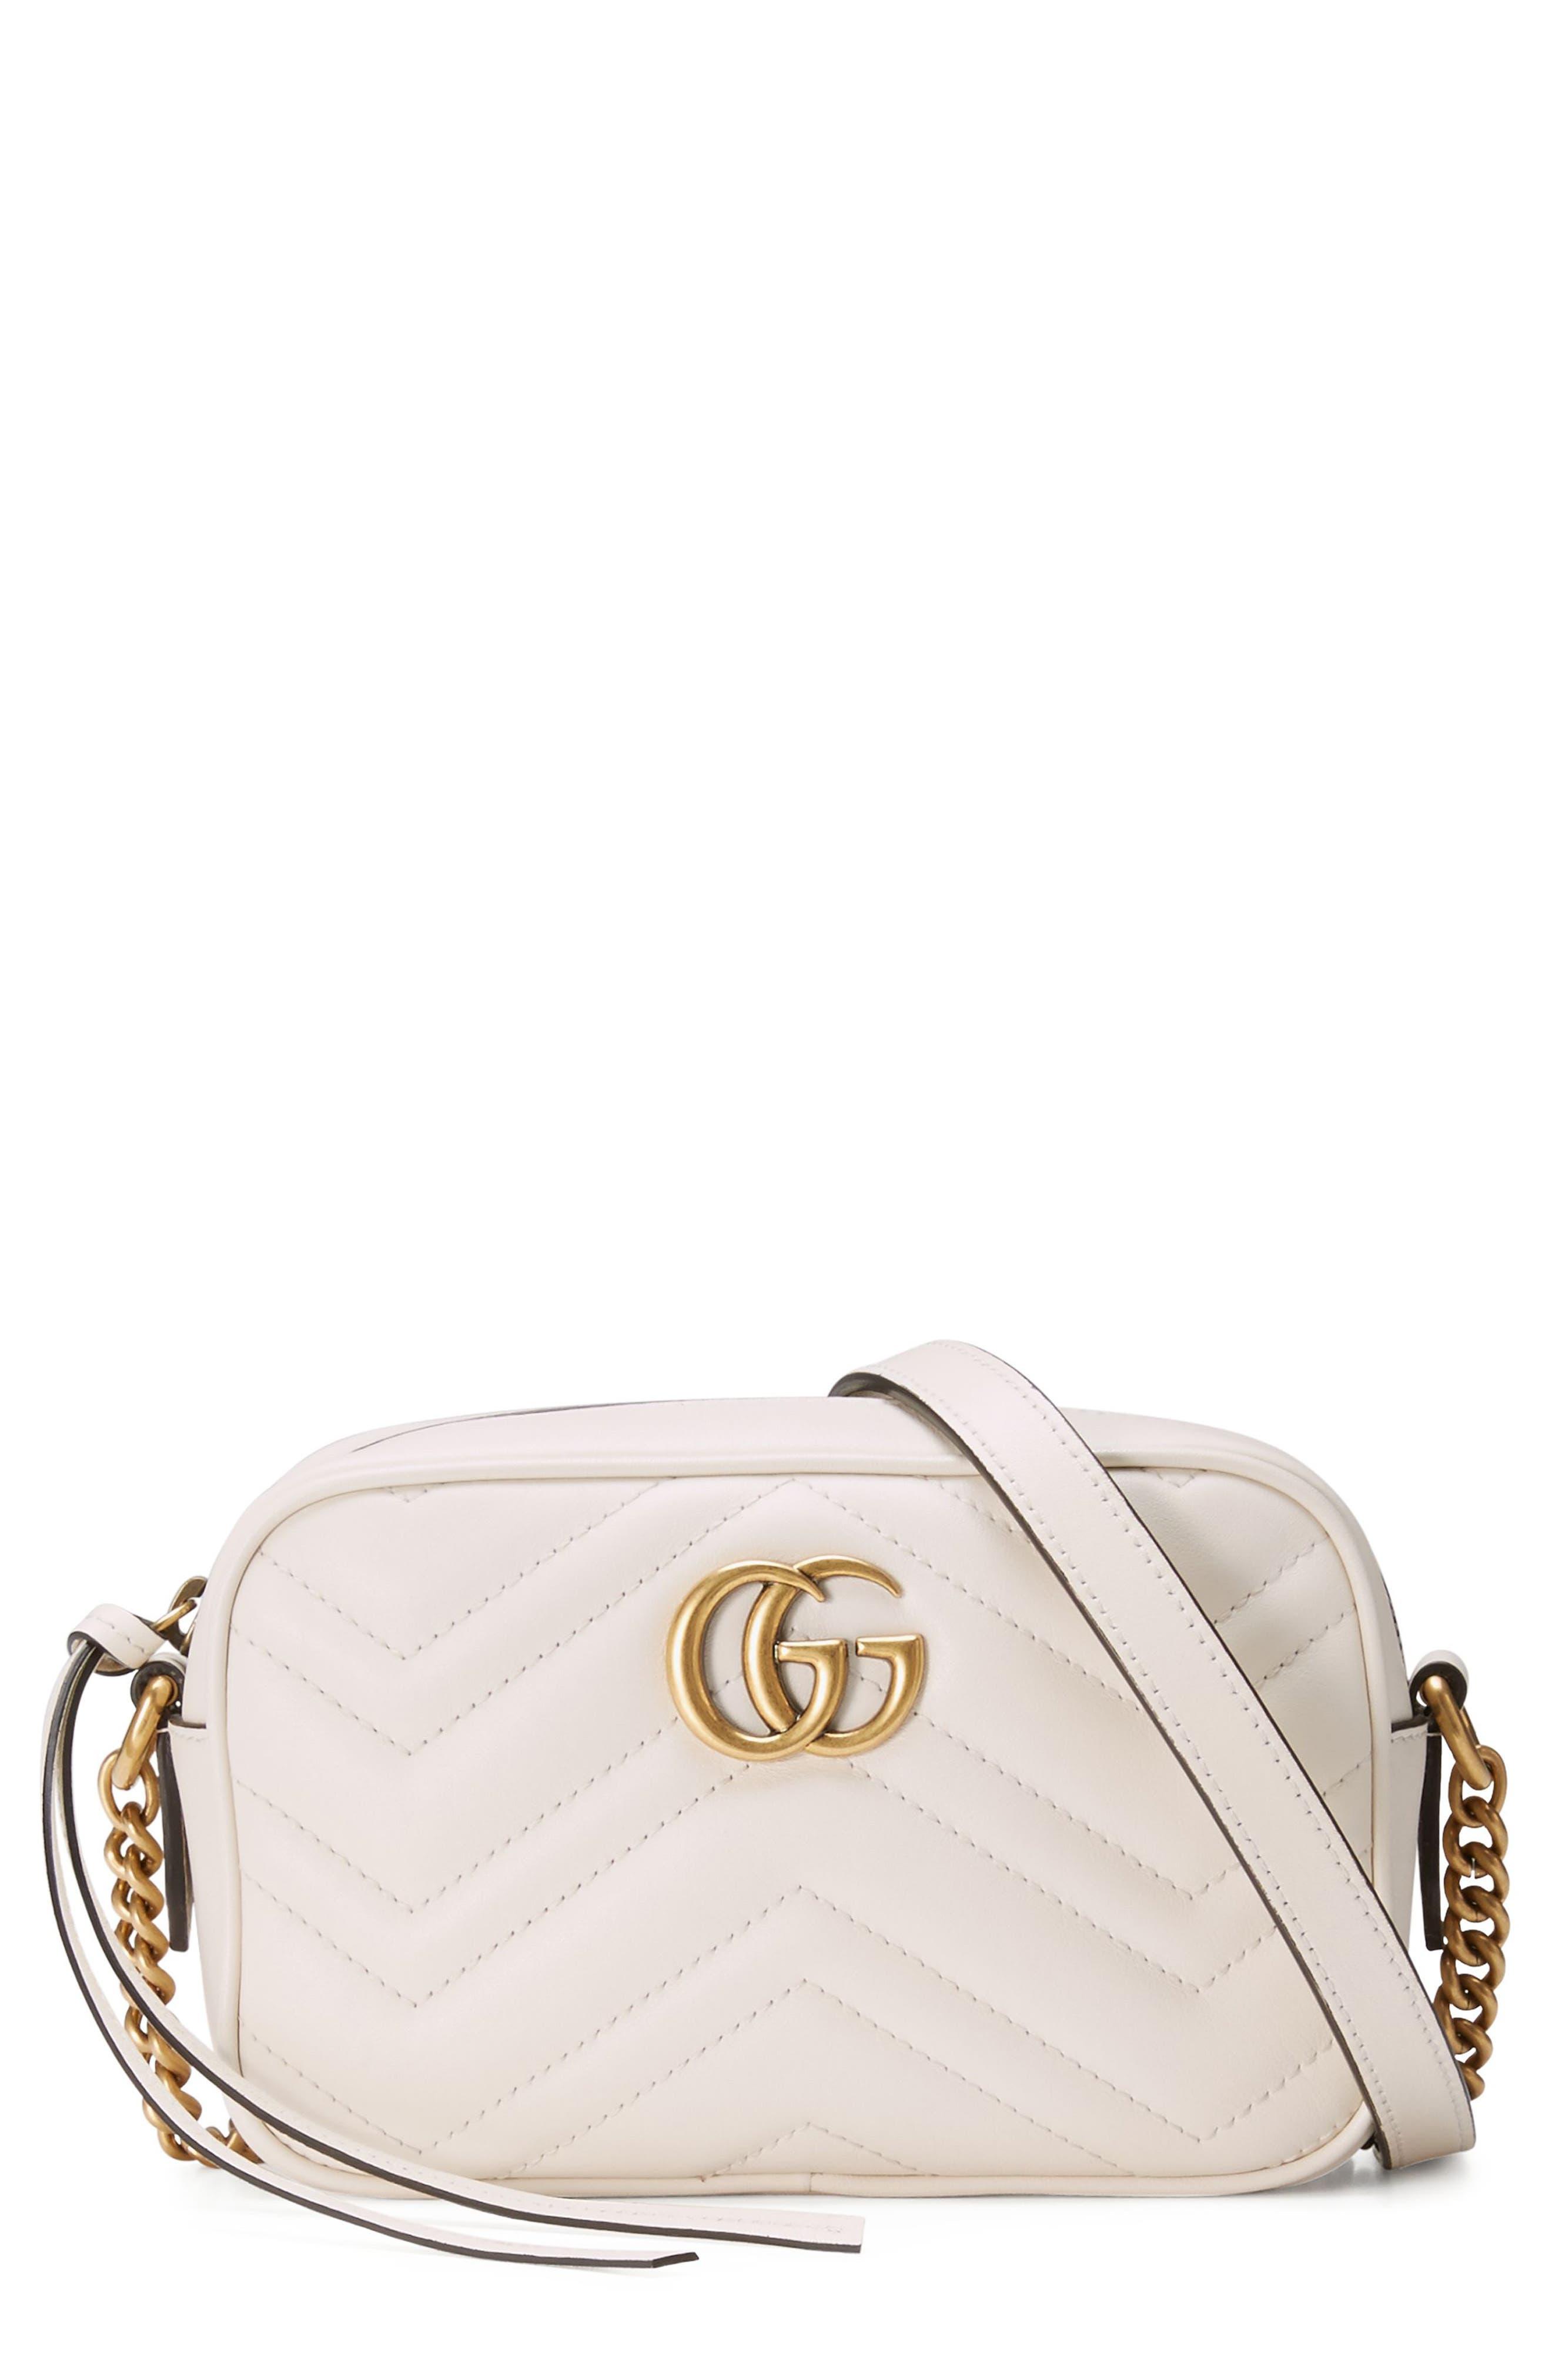 Gucci GG Marmont 2.0 Matelassé Leather Shoulder Bag